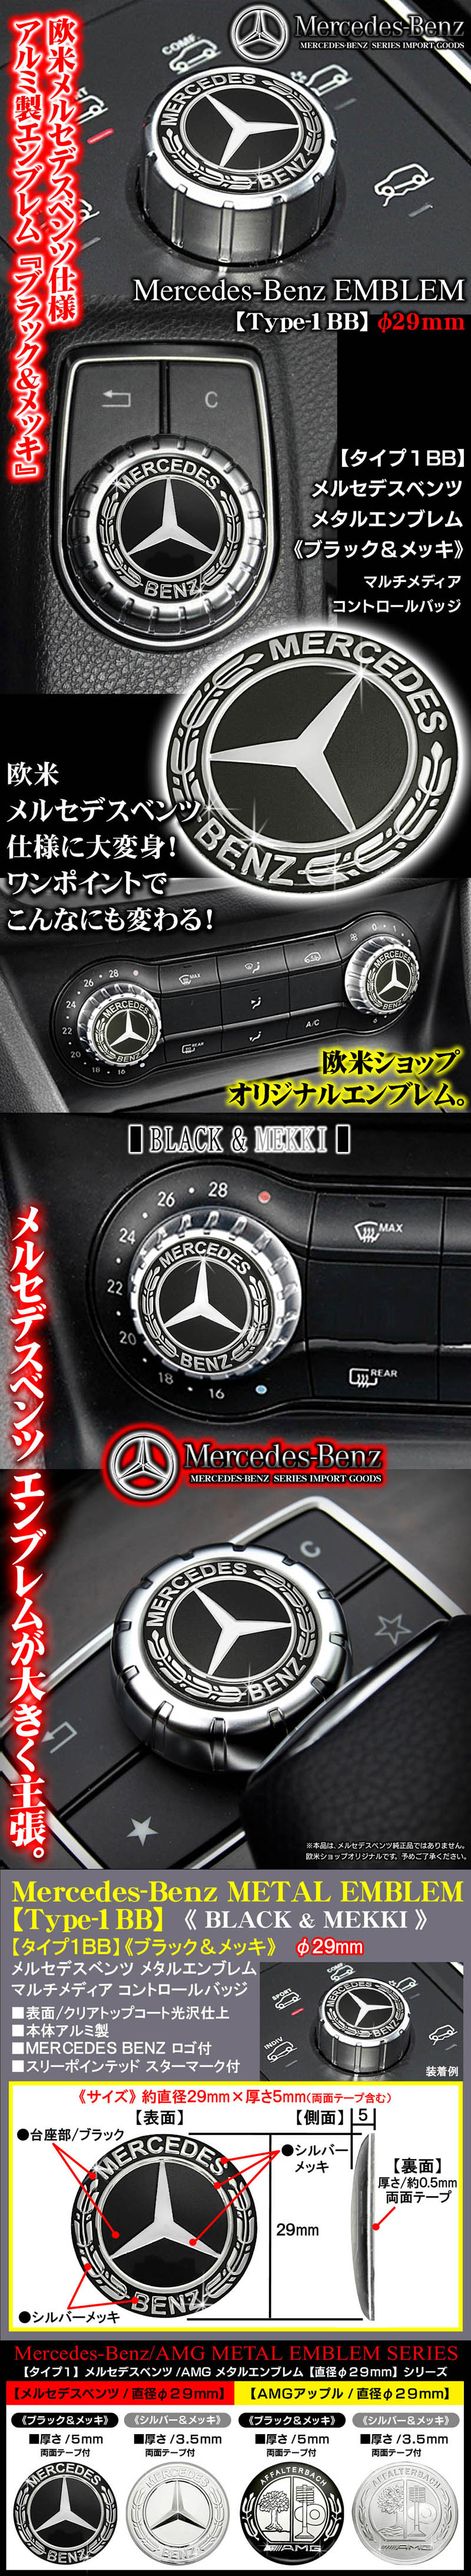 タイプ1BB/2P[メルセデスベンツΦ29mm/2個セット]ブラック&メッキ[Mercedes-Benz/アルミ製3Dエンブレム/両面テープ止め]各種マルチメディア コントロールノブ部用バッジ/ブラガ